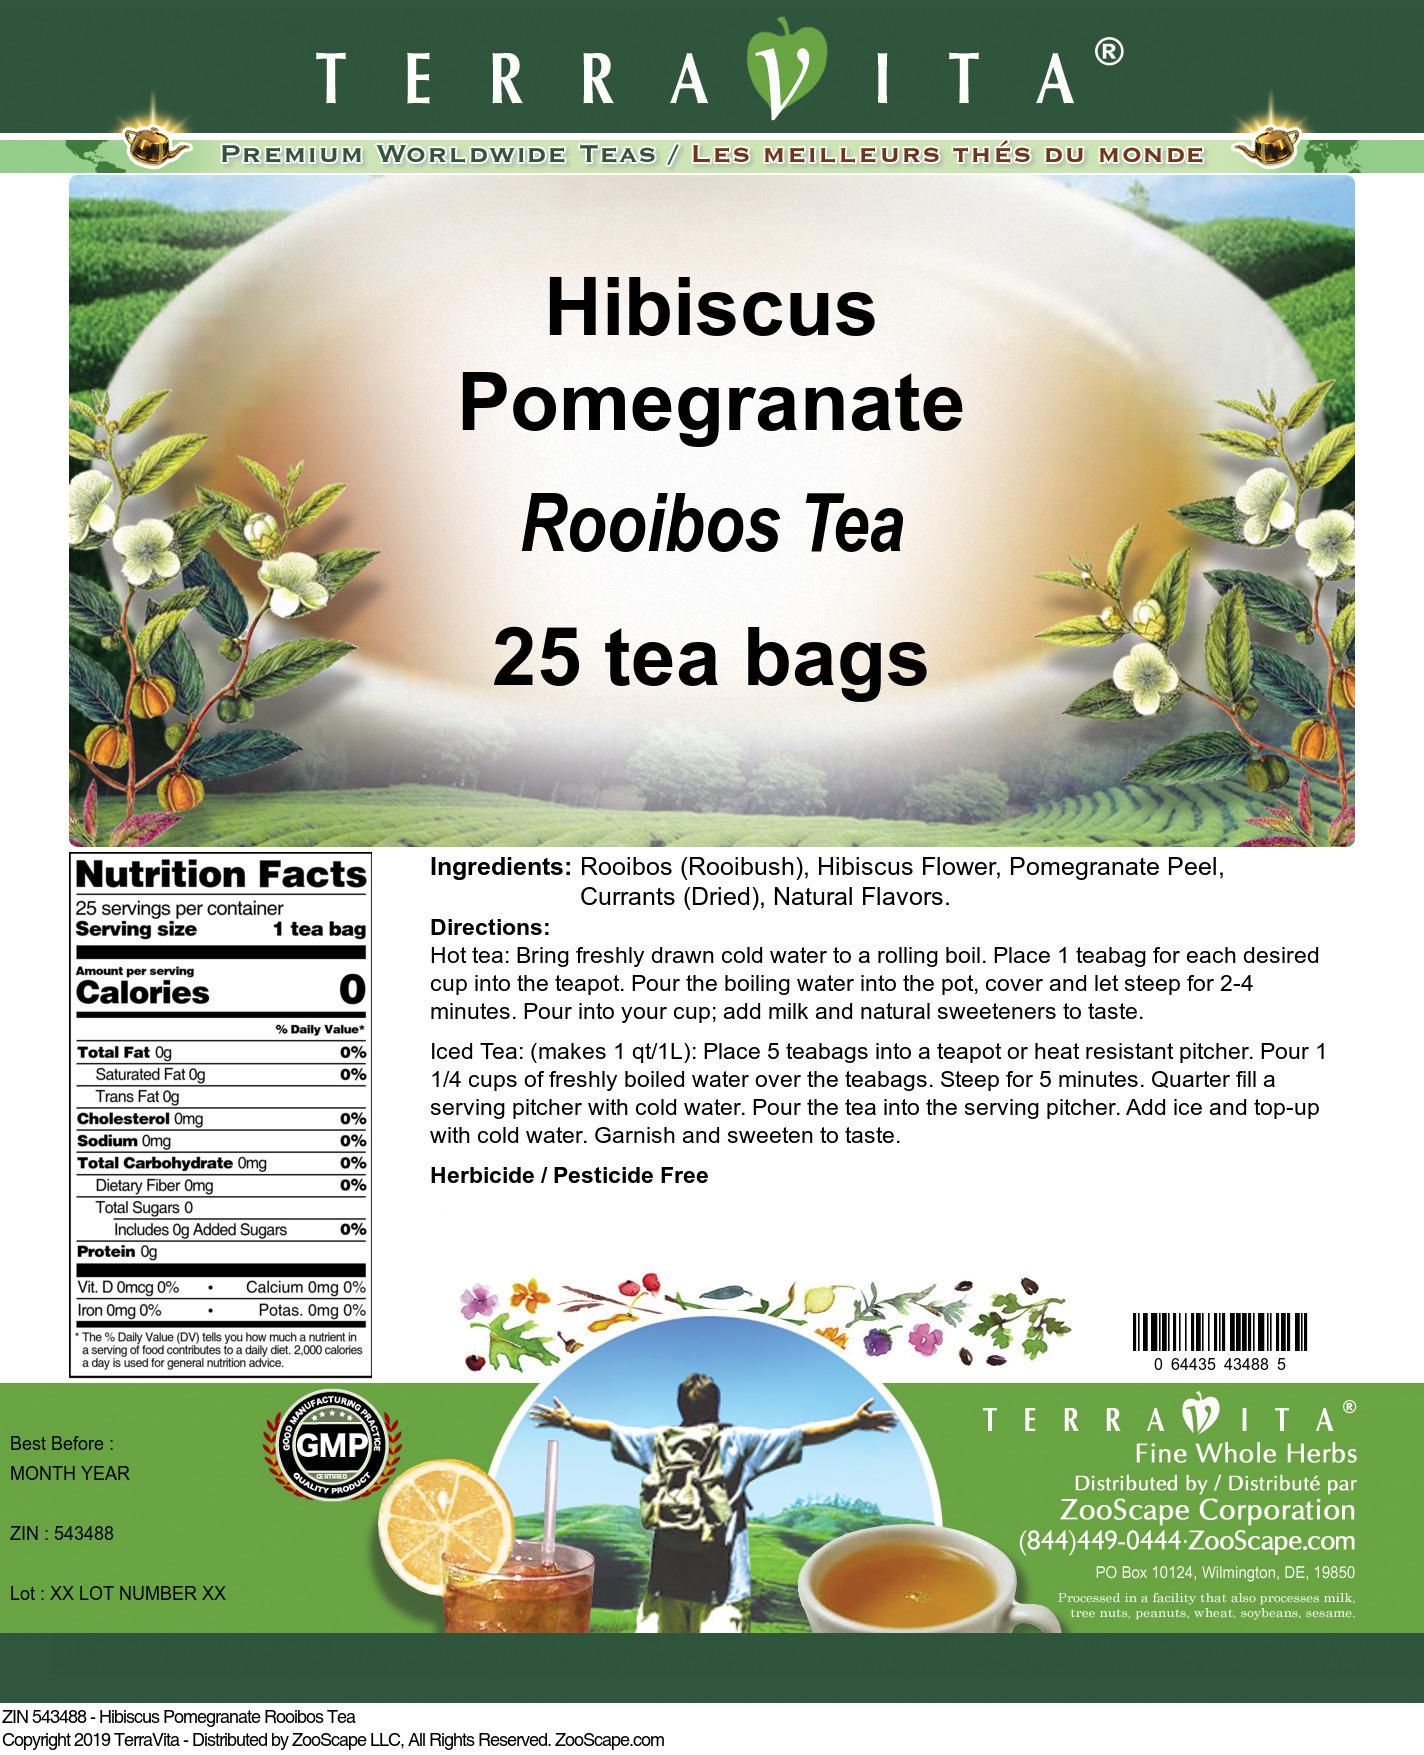 Hibiscus Pomegranate Rooibos Tea